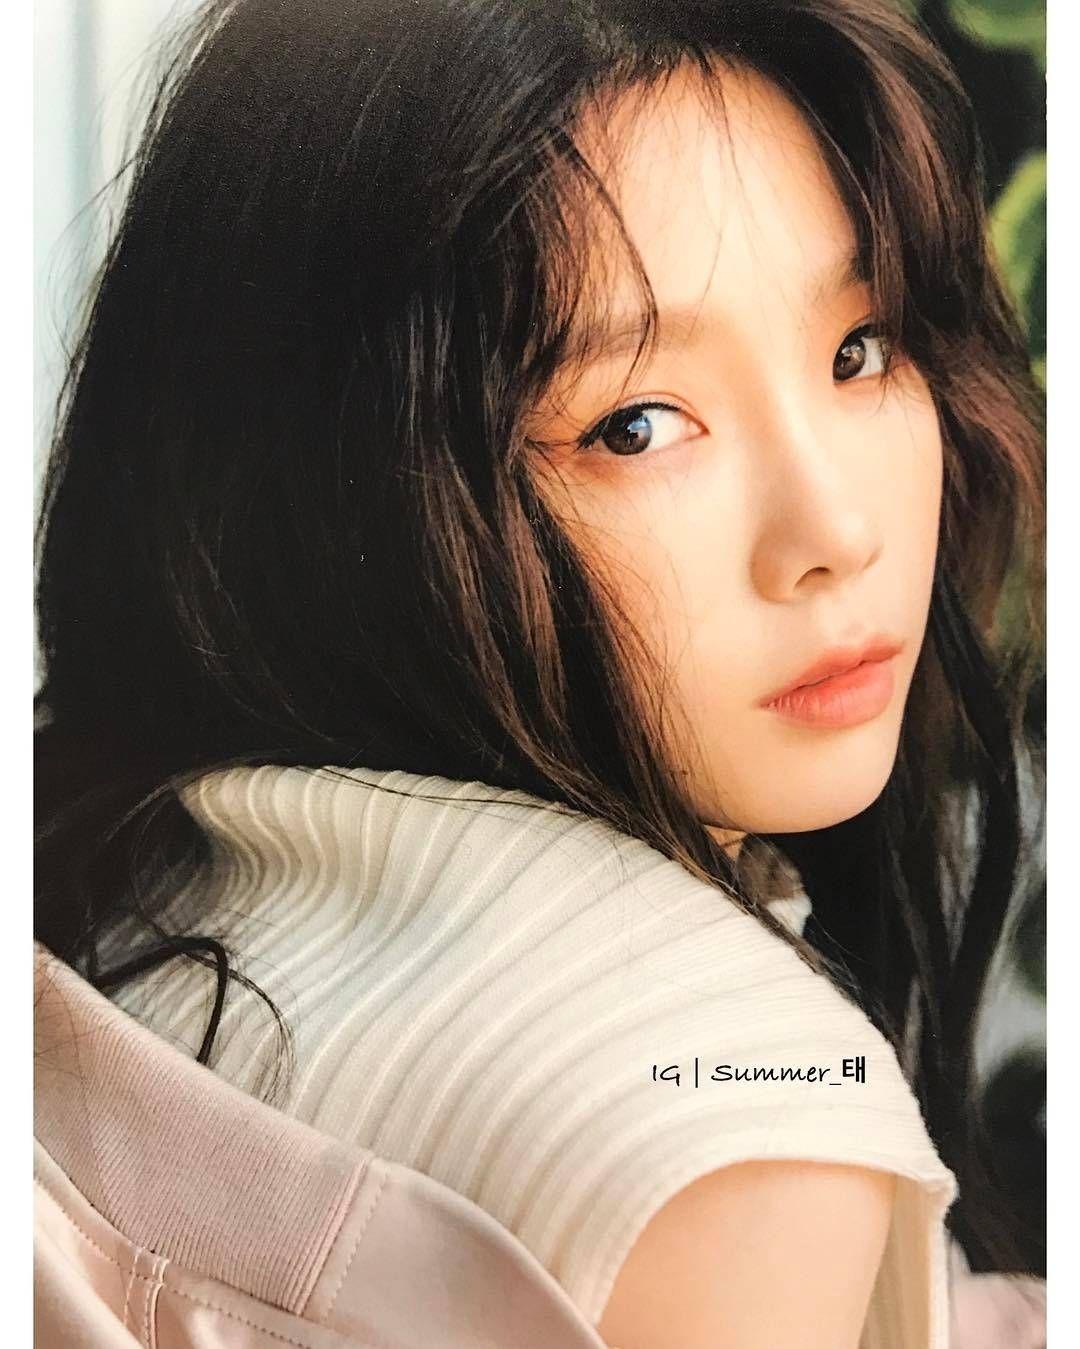 Альбом красоты фото девушек фото 108-974